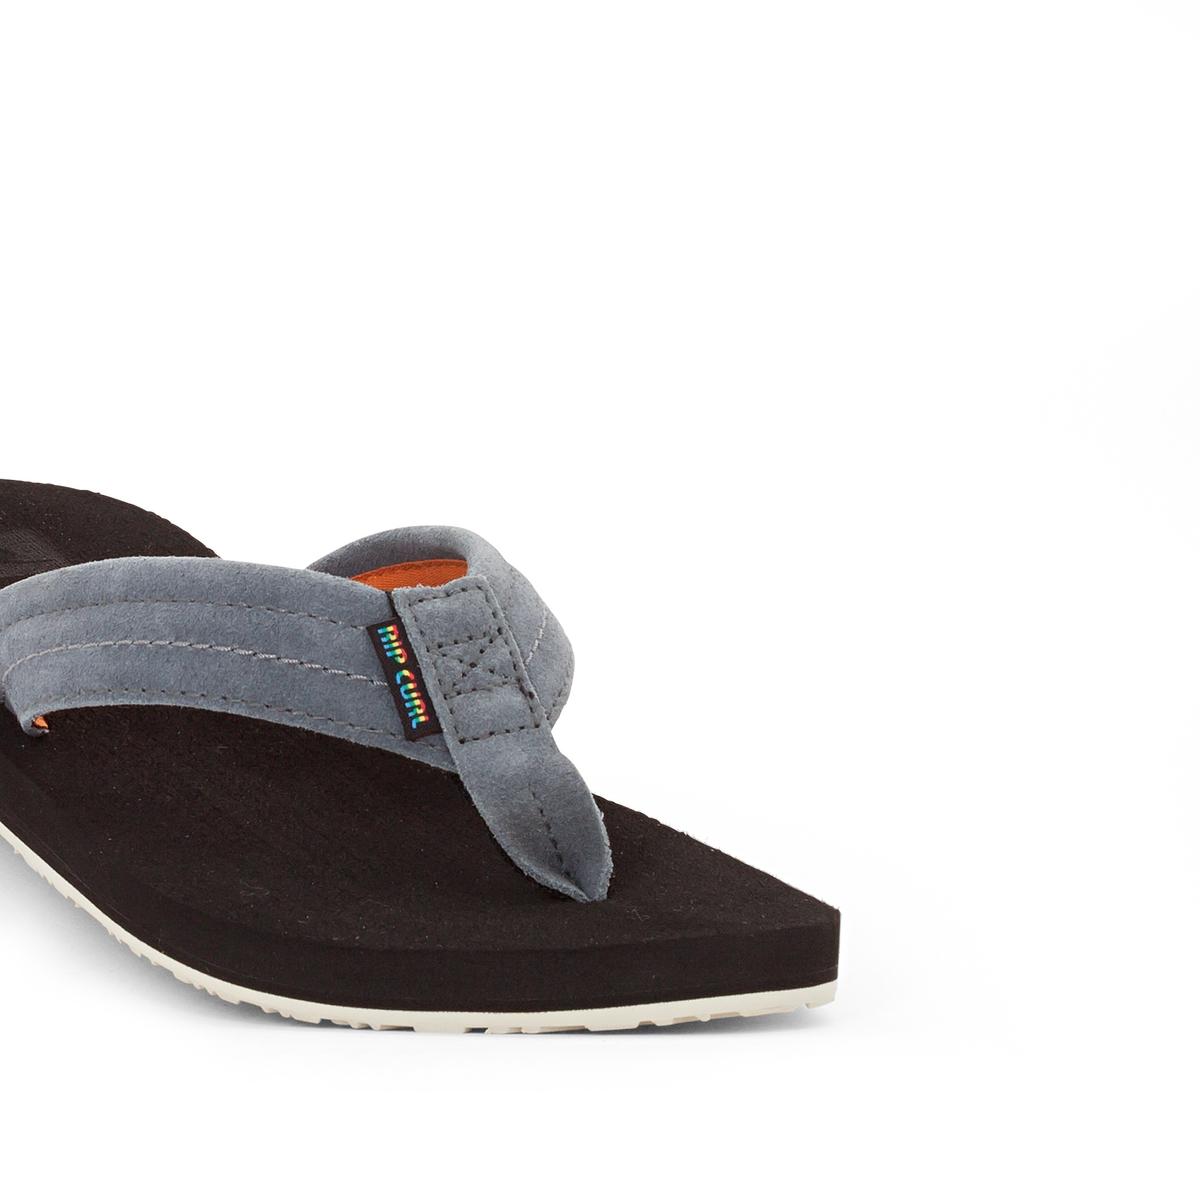 Вьетнамки SmokeyВерх/Голенище : кожа   Стелька : кожа   Подошва : каучук   Форма каблука : плоский каблук   Мысок : открытый мысок   Застежка : без застежки<br><br>Цвет: серый